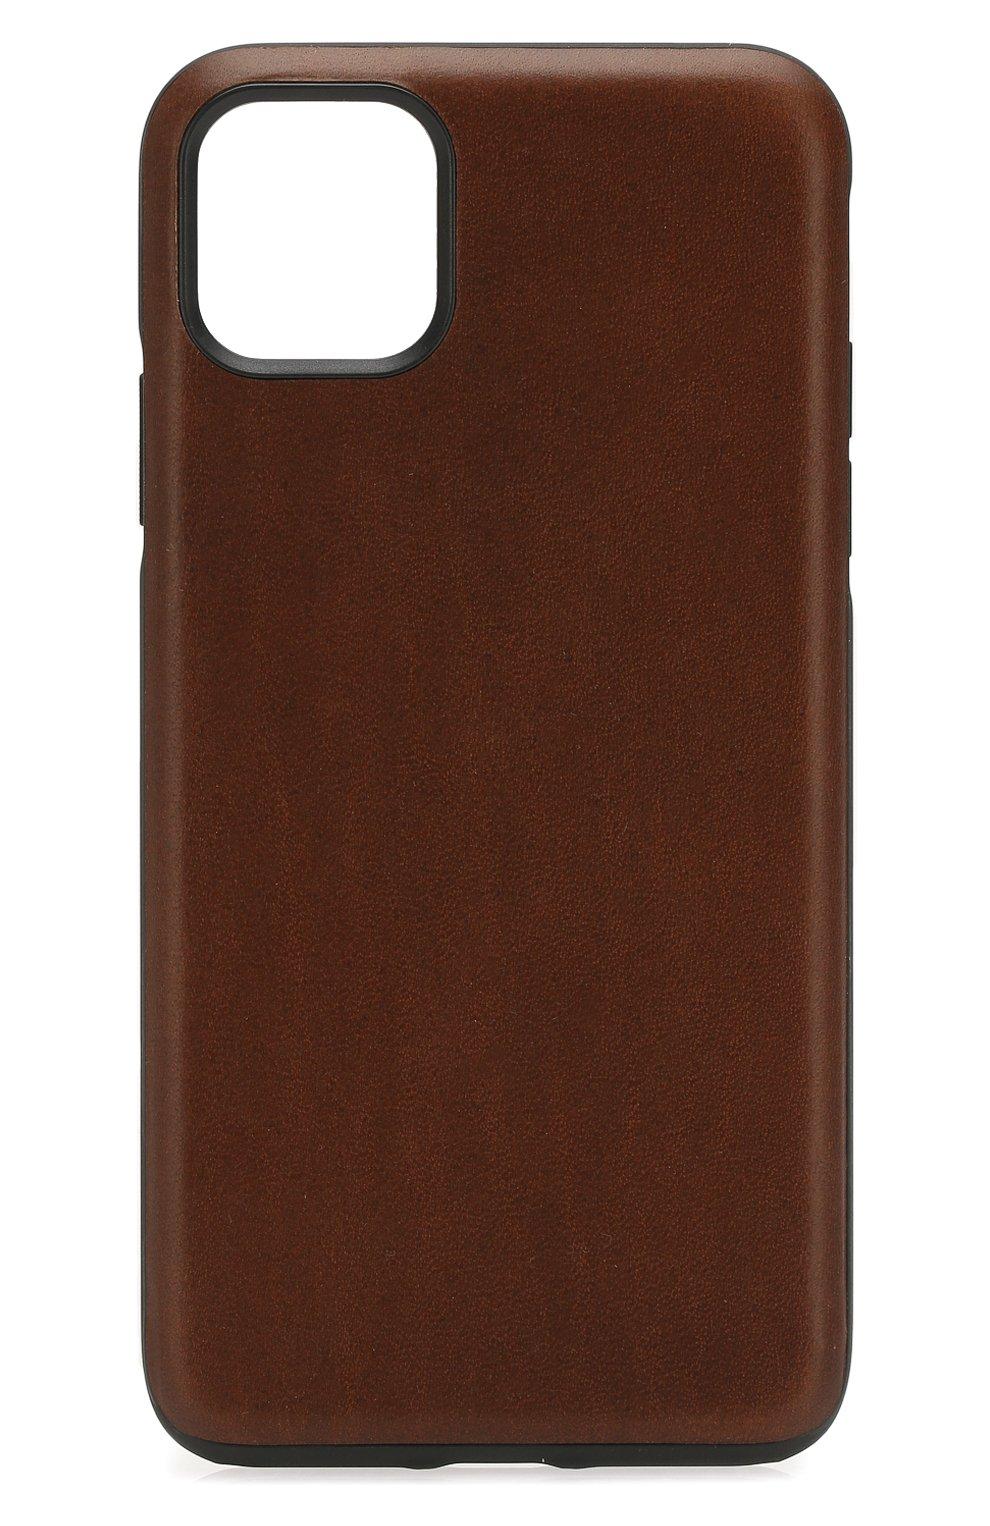 Чехол для iphone 11 pro max NOMAD коричневого цвета, арт. NM21YR0R00   Фото 1 (Женское Кросс-КТ: Кожа iPhone; Материал: Кожа)